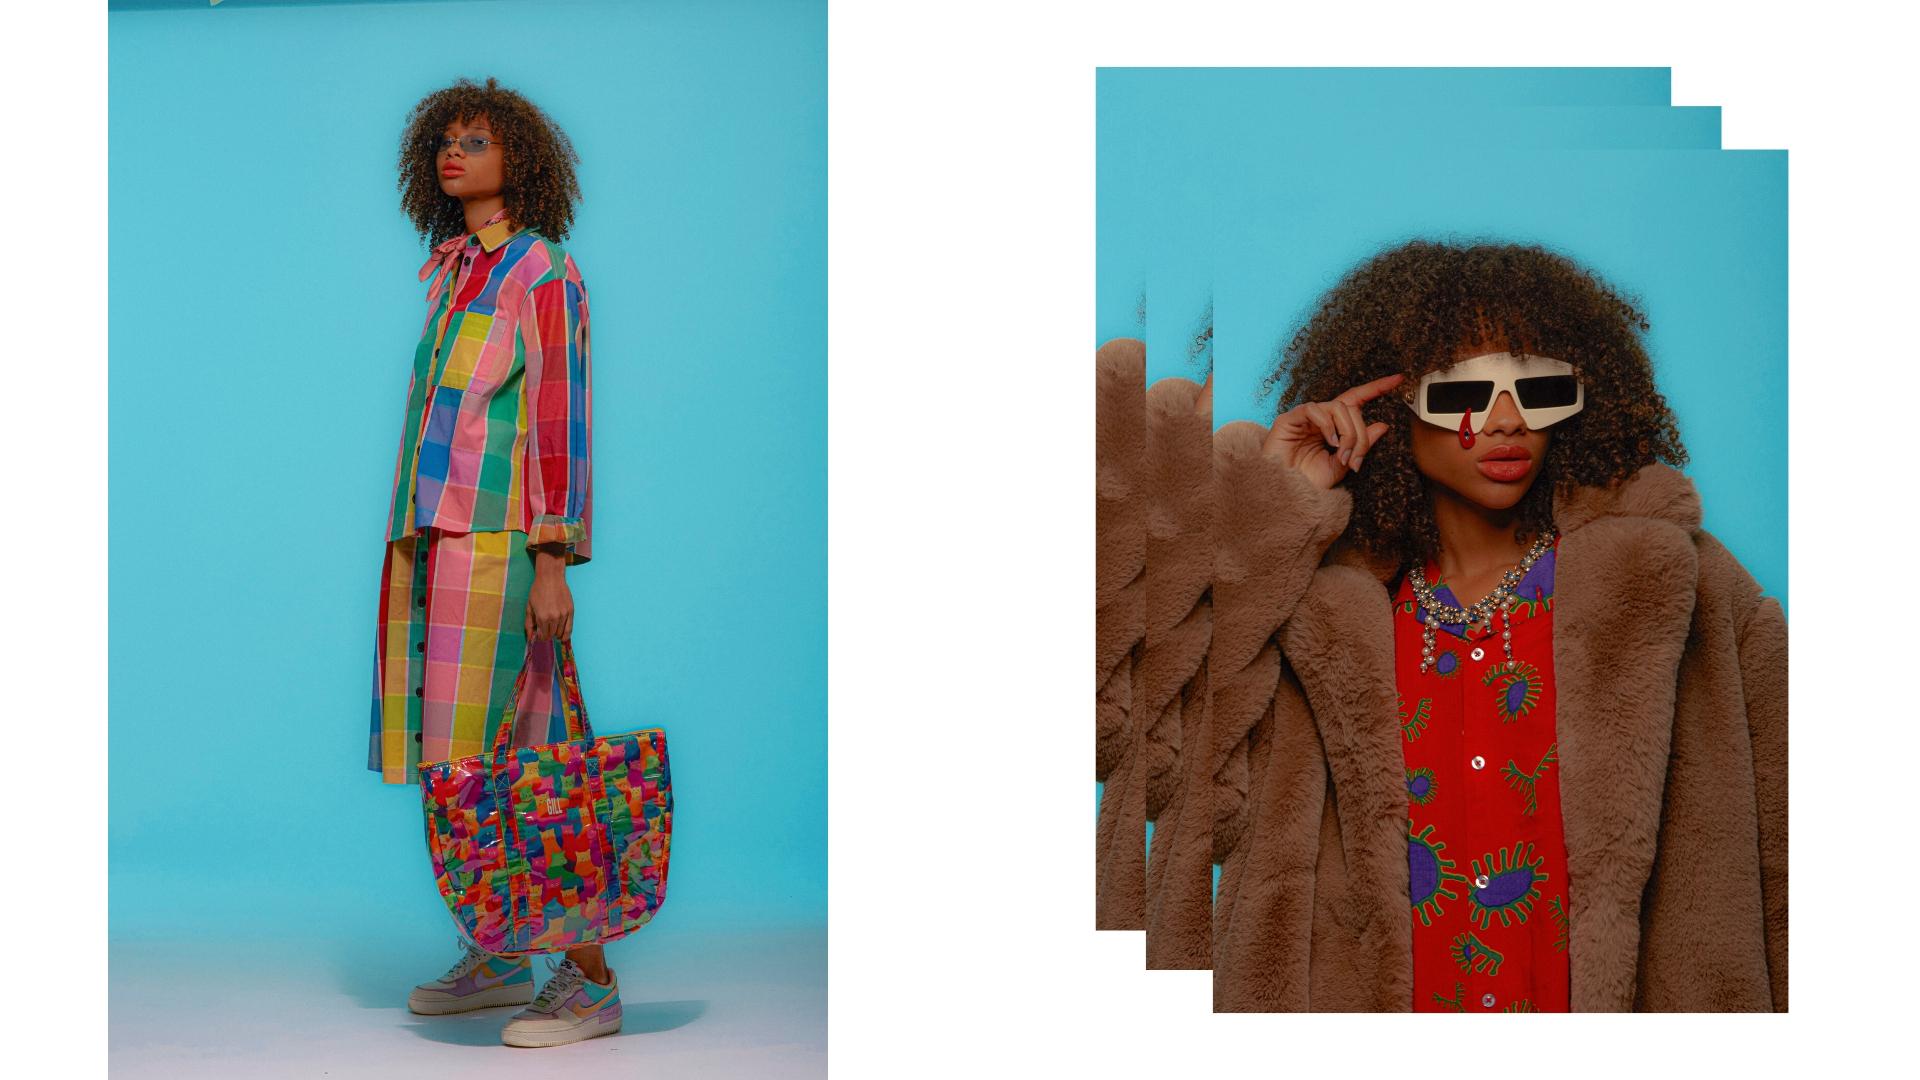 fashion editorial - whynotmag - 90's